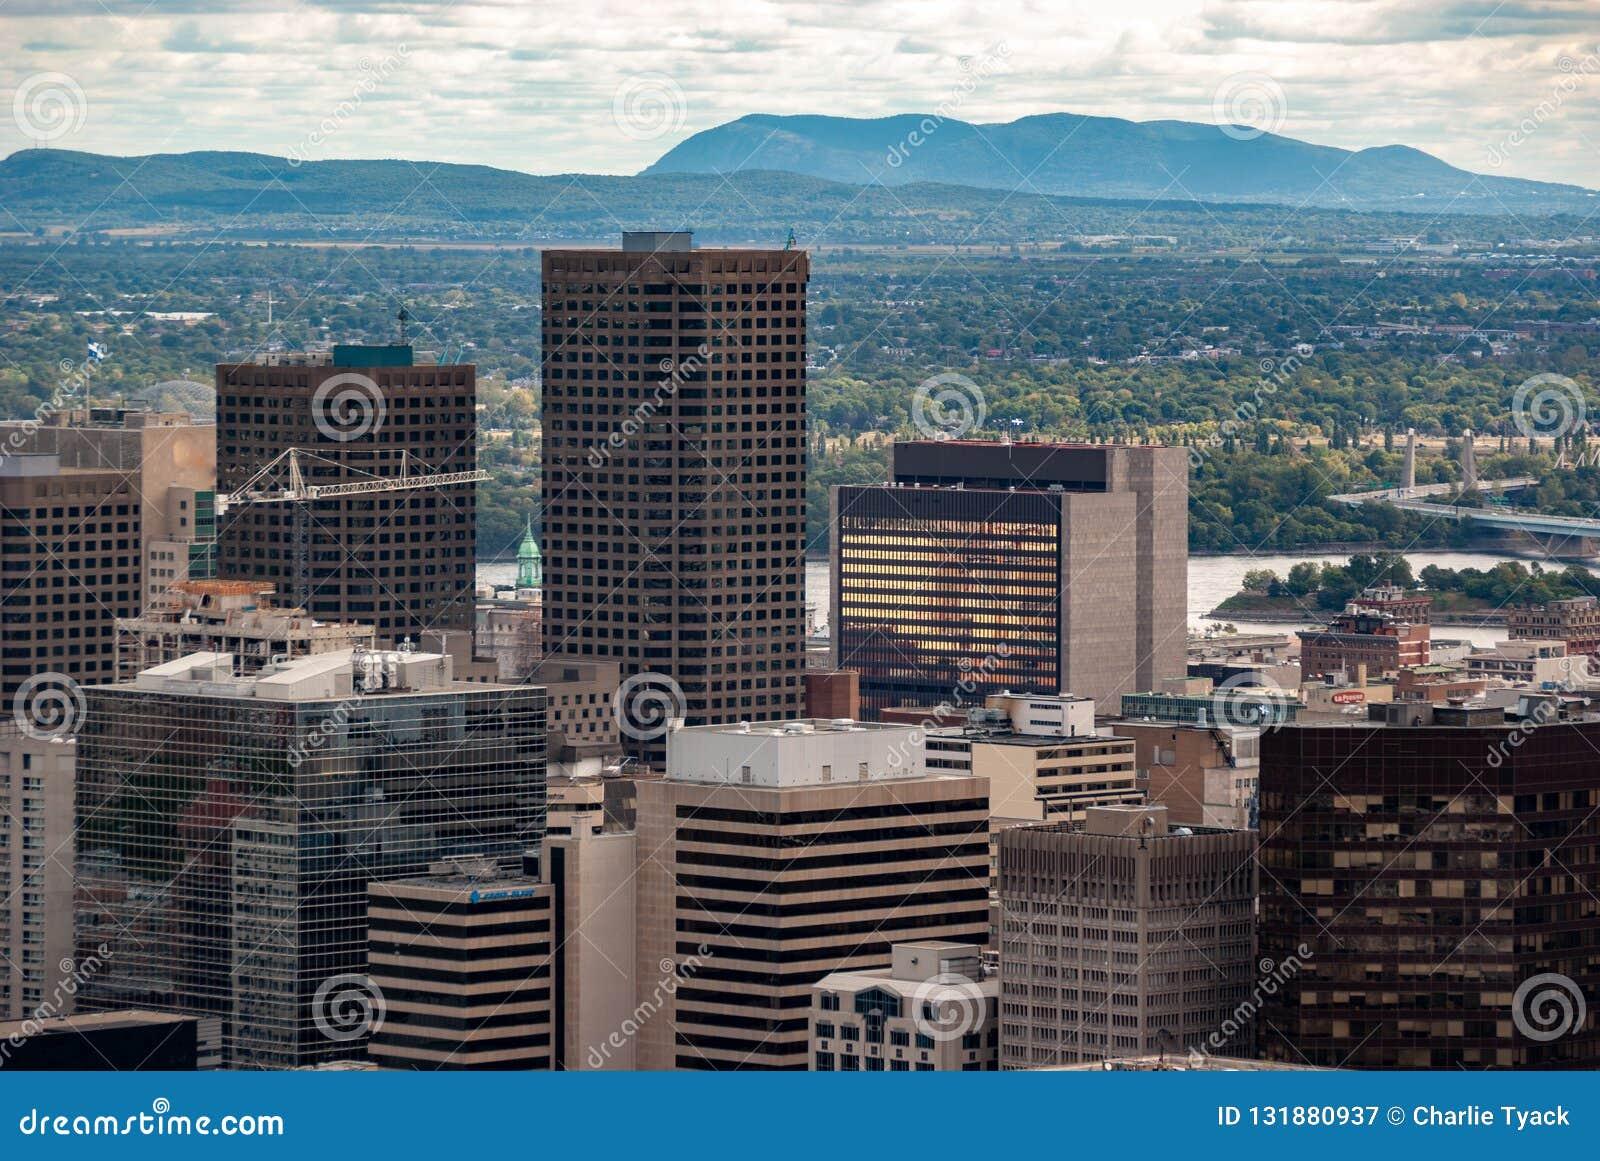 De horizon van Montreal - de wolkenkrabbers van het financiële district